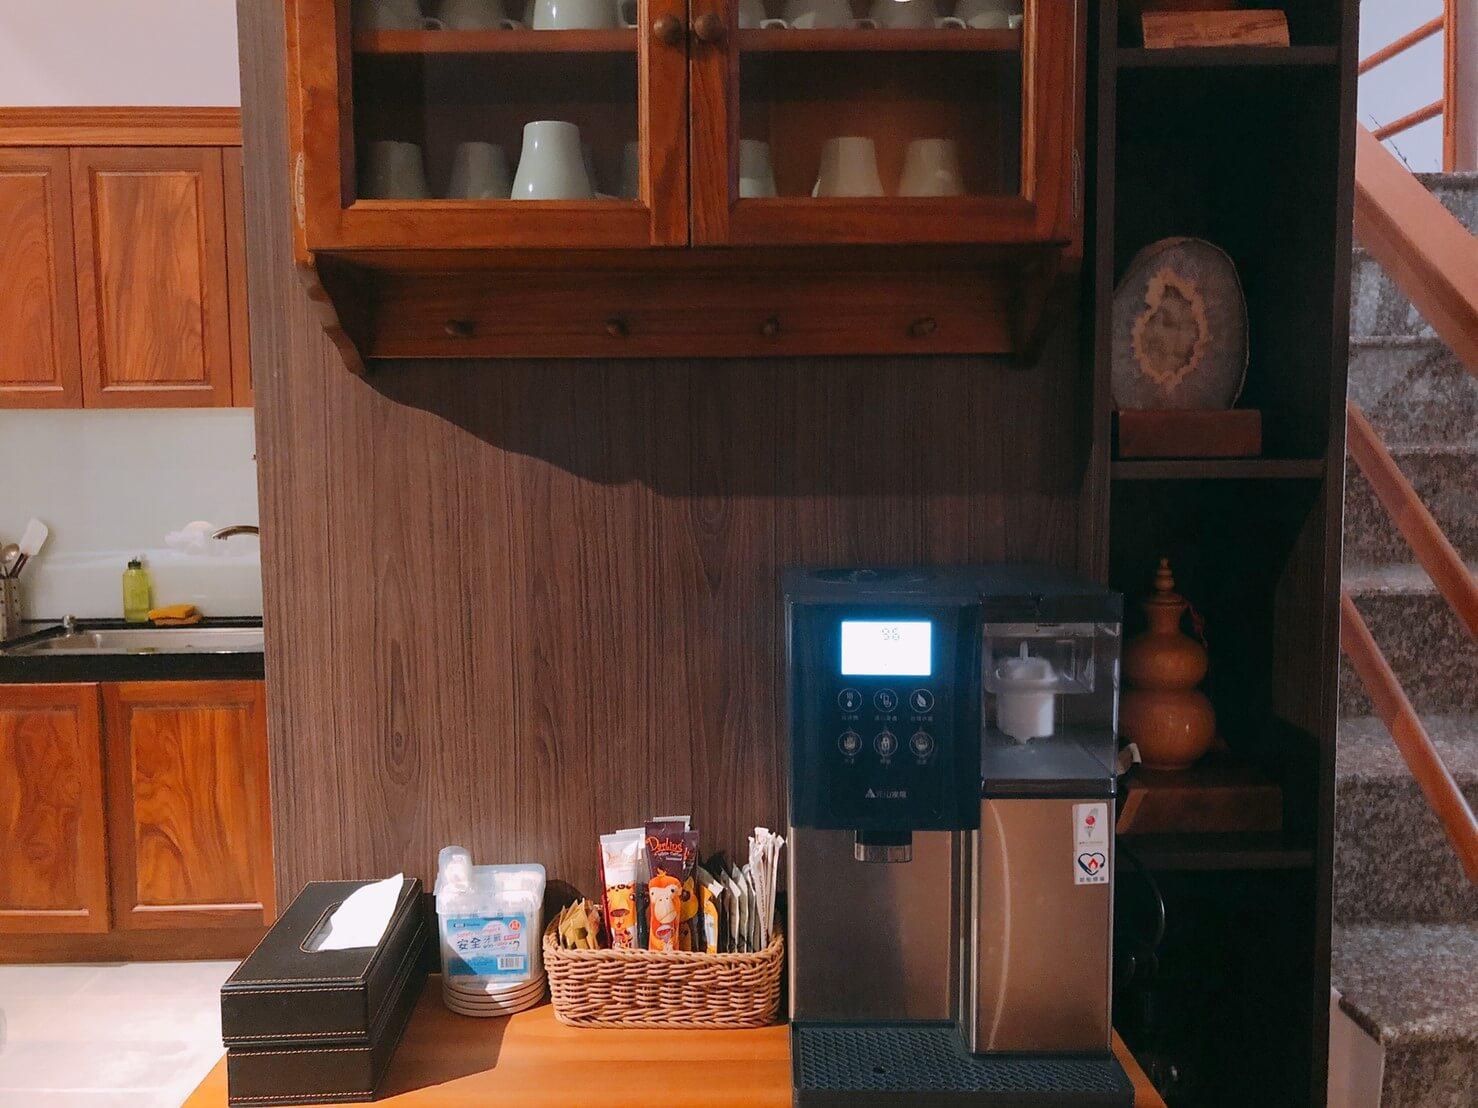 宜蘭三星民宿推薦-安農逸境特色介紹-咖啡機